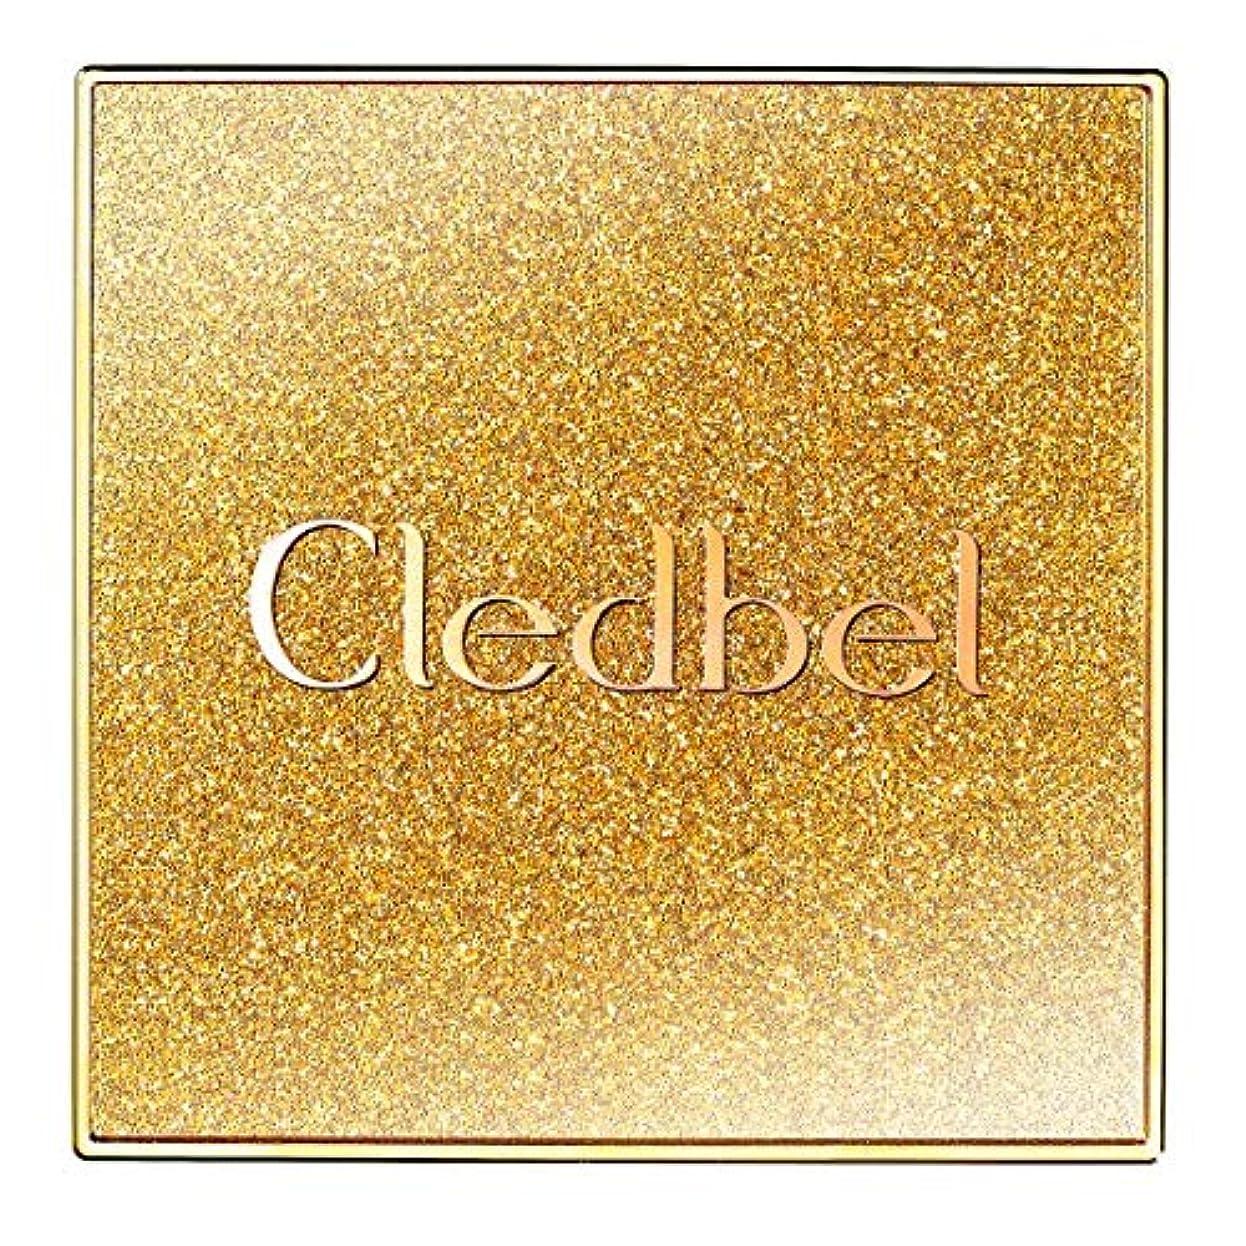 プレゼンアルコール道を作る[Cledbel] Miracle Power Lift V Cushion SPF50+ PA+++ GOLD EDITION/クレッドベルミラクルリフトV クッション [並行輸入品]